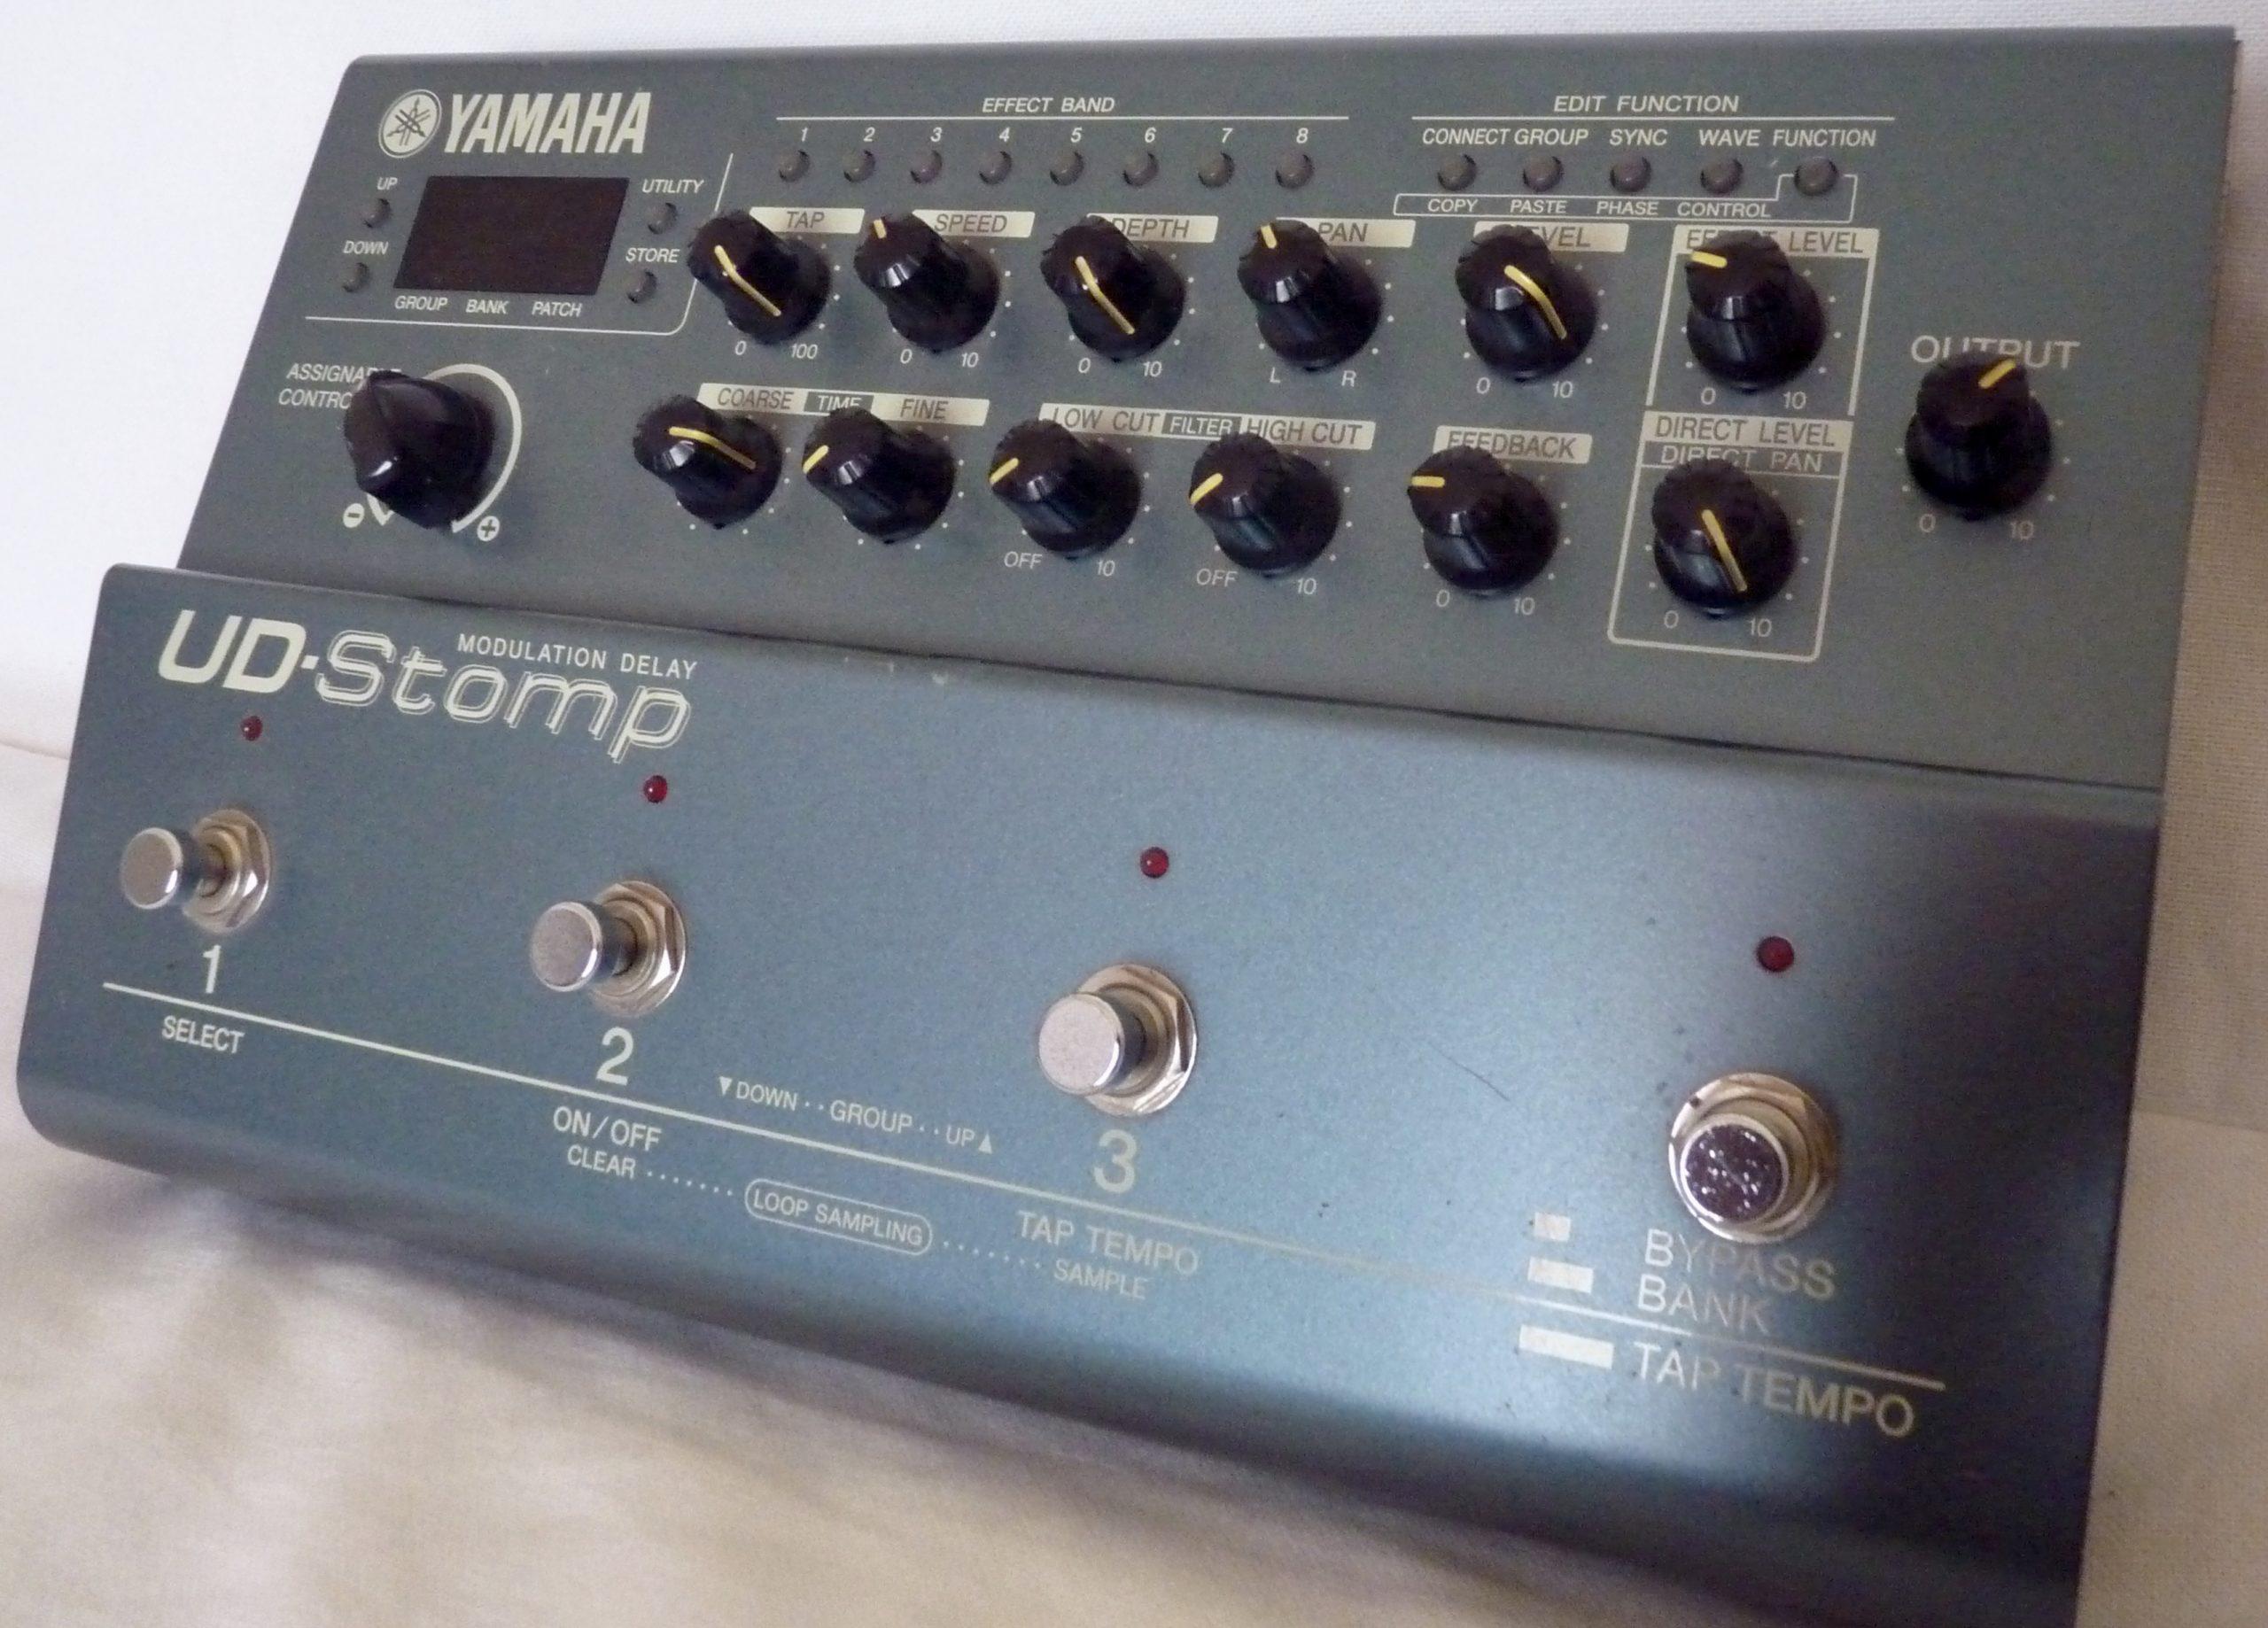 DEMO Yamaha UD Stomp Vidéo + Relevé PDF et GPXDEMO Yamaha UD Stomp Video + PDF and GPX Tab